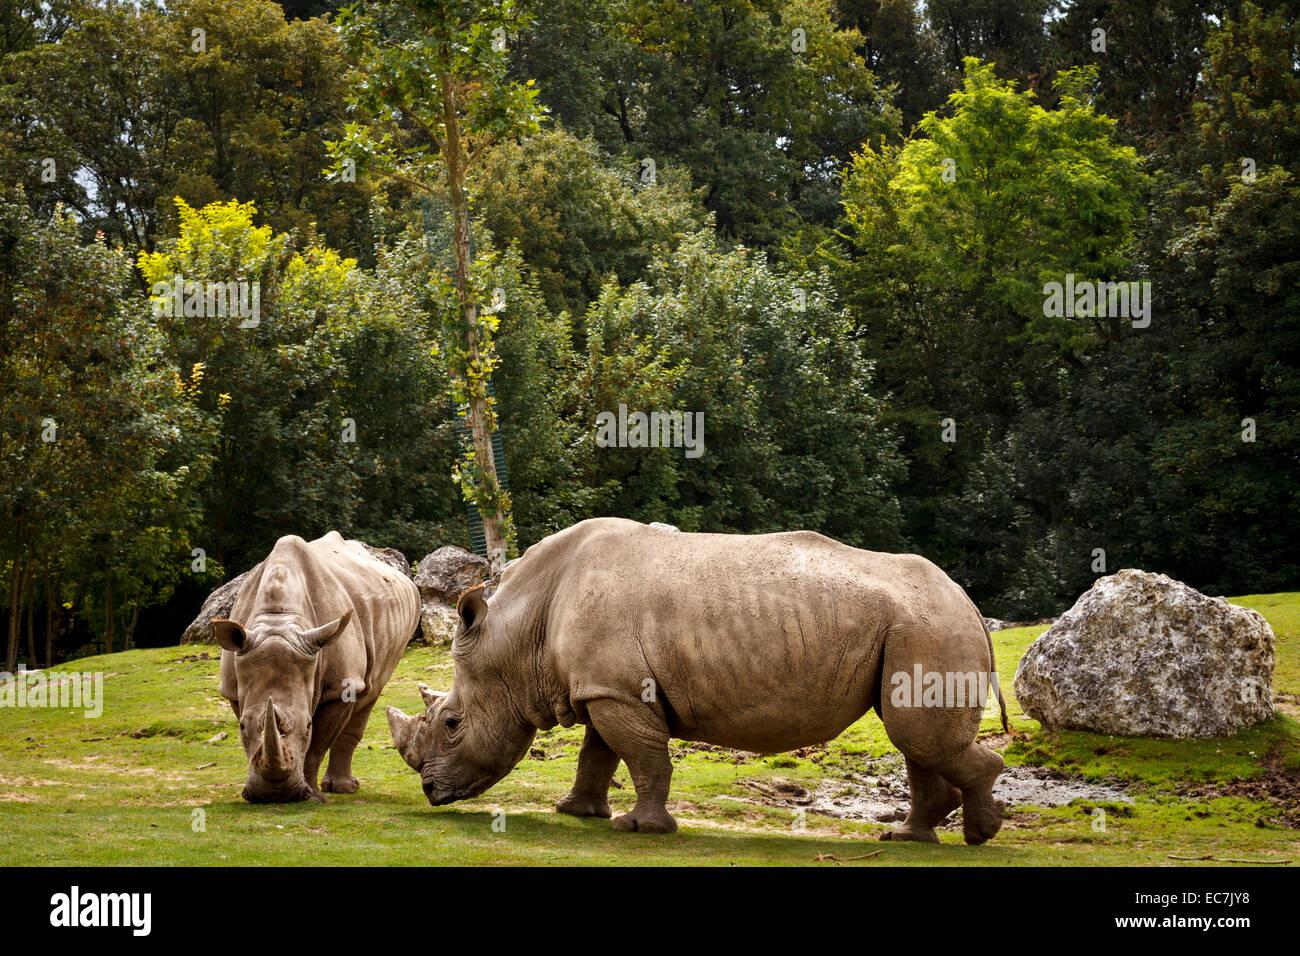 Parco zoo di Beauval rinoceronte bianco, Francia. Immagini Stock